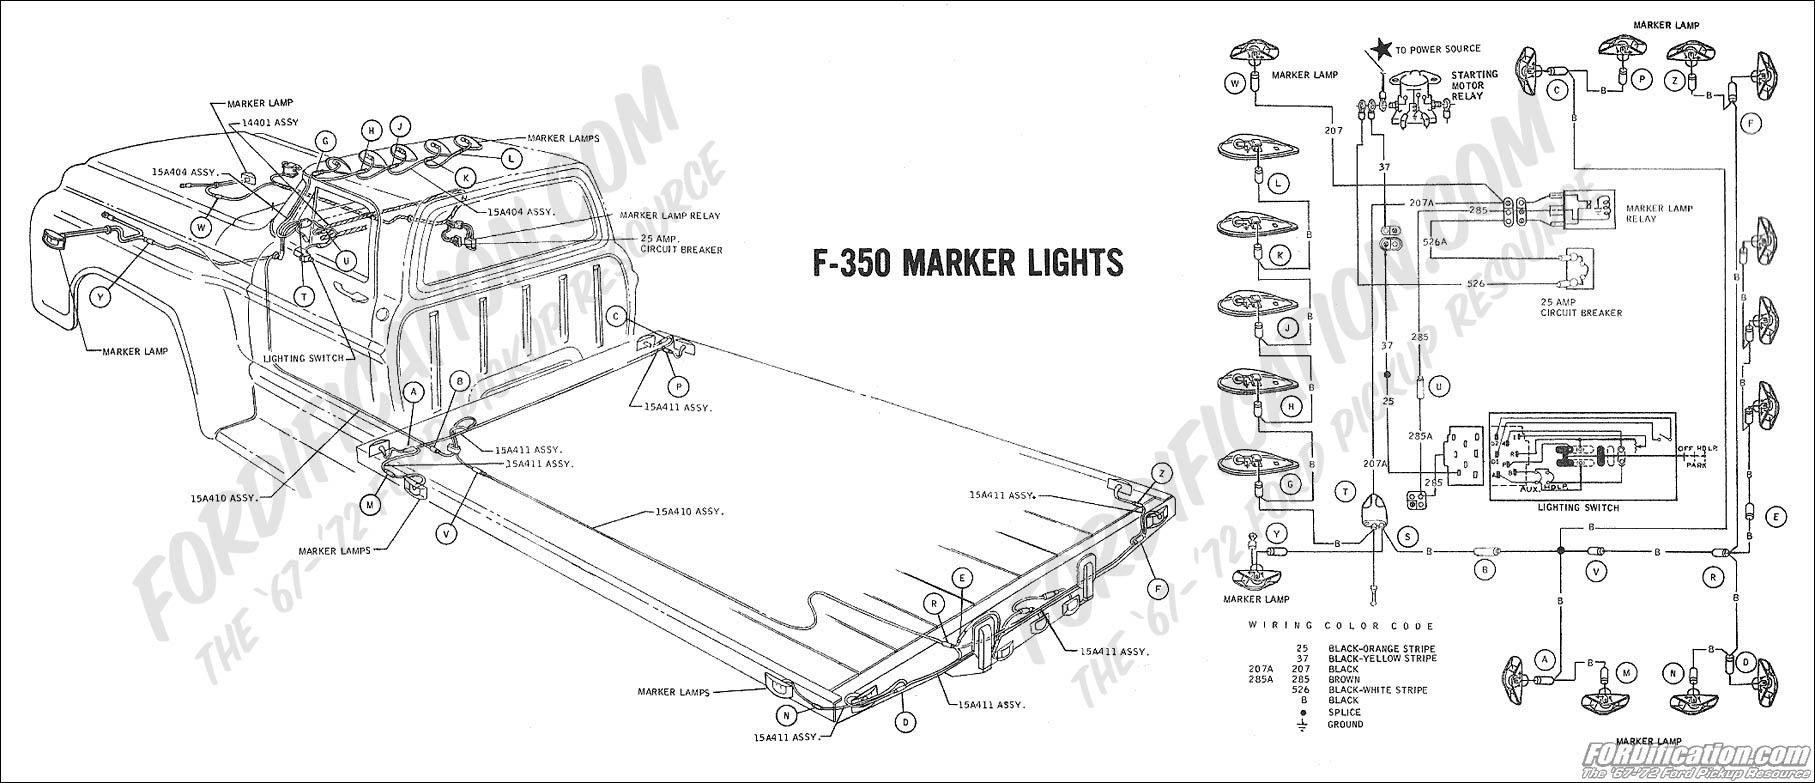 [DIAGRAM_38EU]  DB_5649] 1986 Ford Truck Wiring Diagram 2000 Ford F 250 Powerstroke Wiring  Schematic Wiring | 2000 Ford F 250 Truck Wiring Diagram |  | Acion Hyedi Mohammedshrine Librar Wiring 101